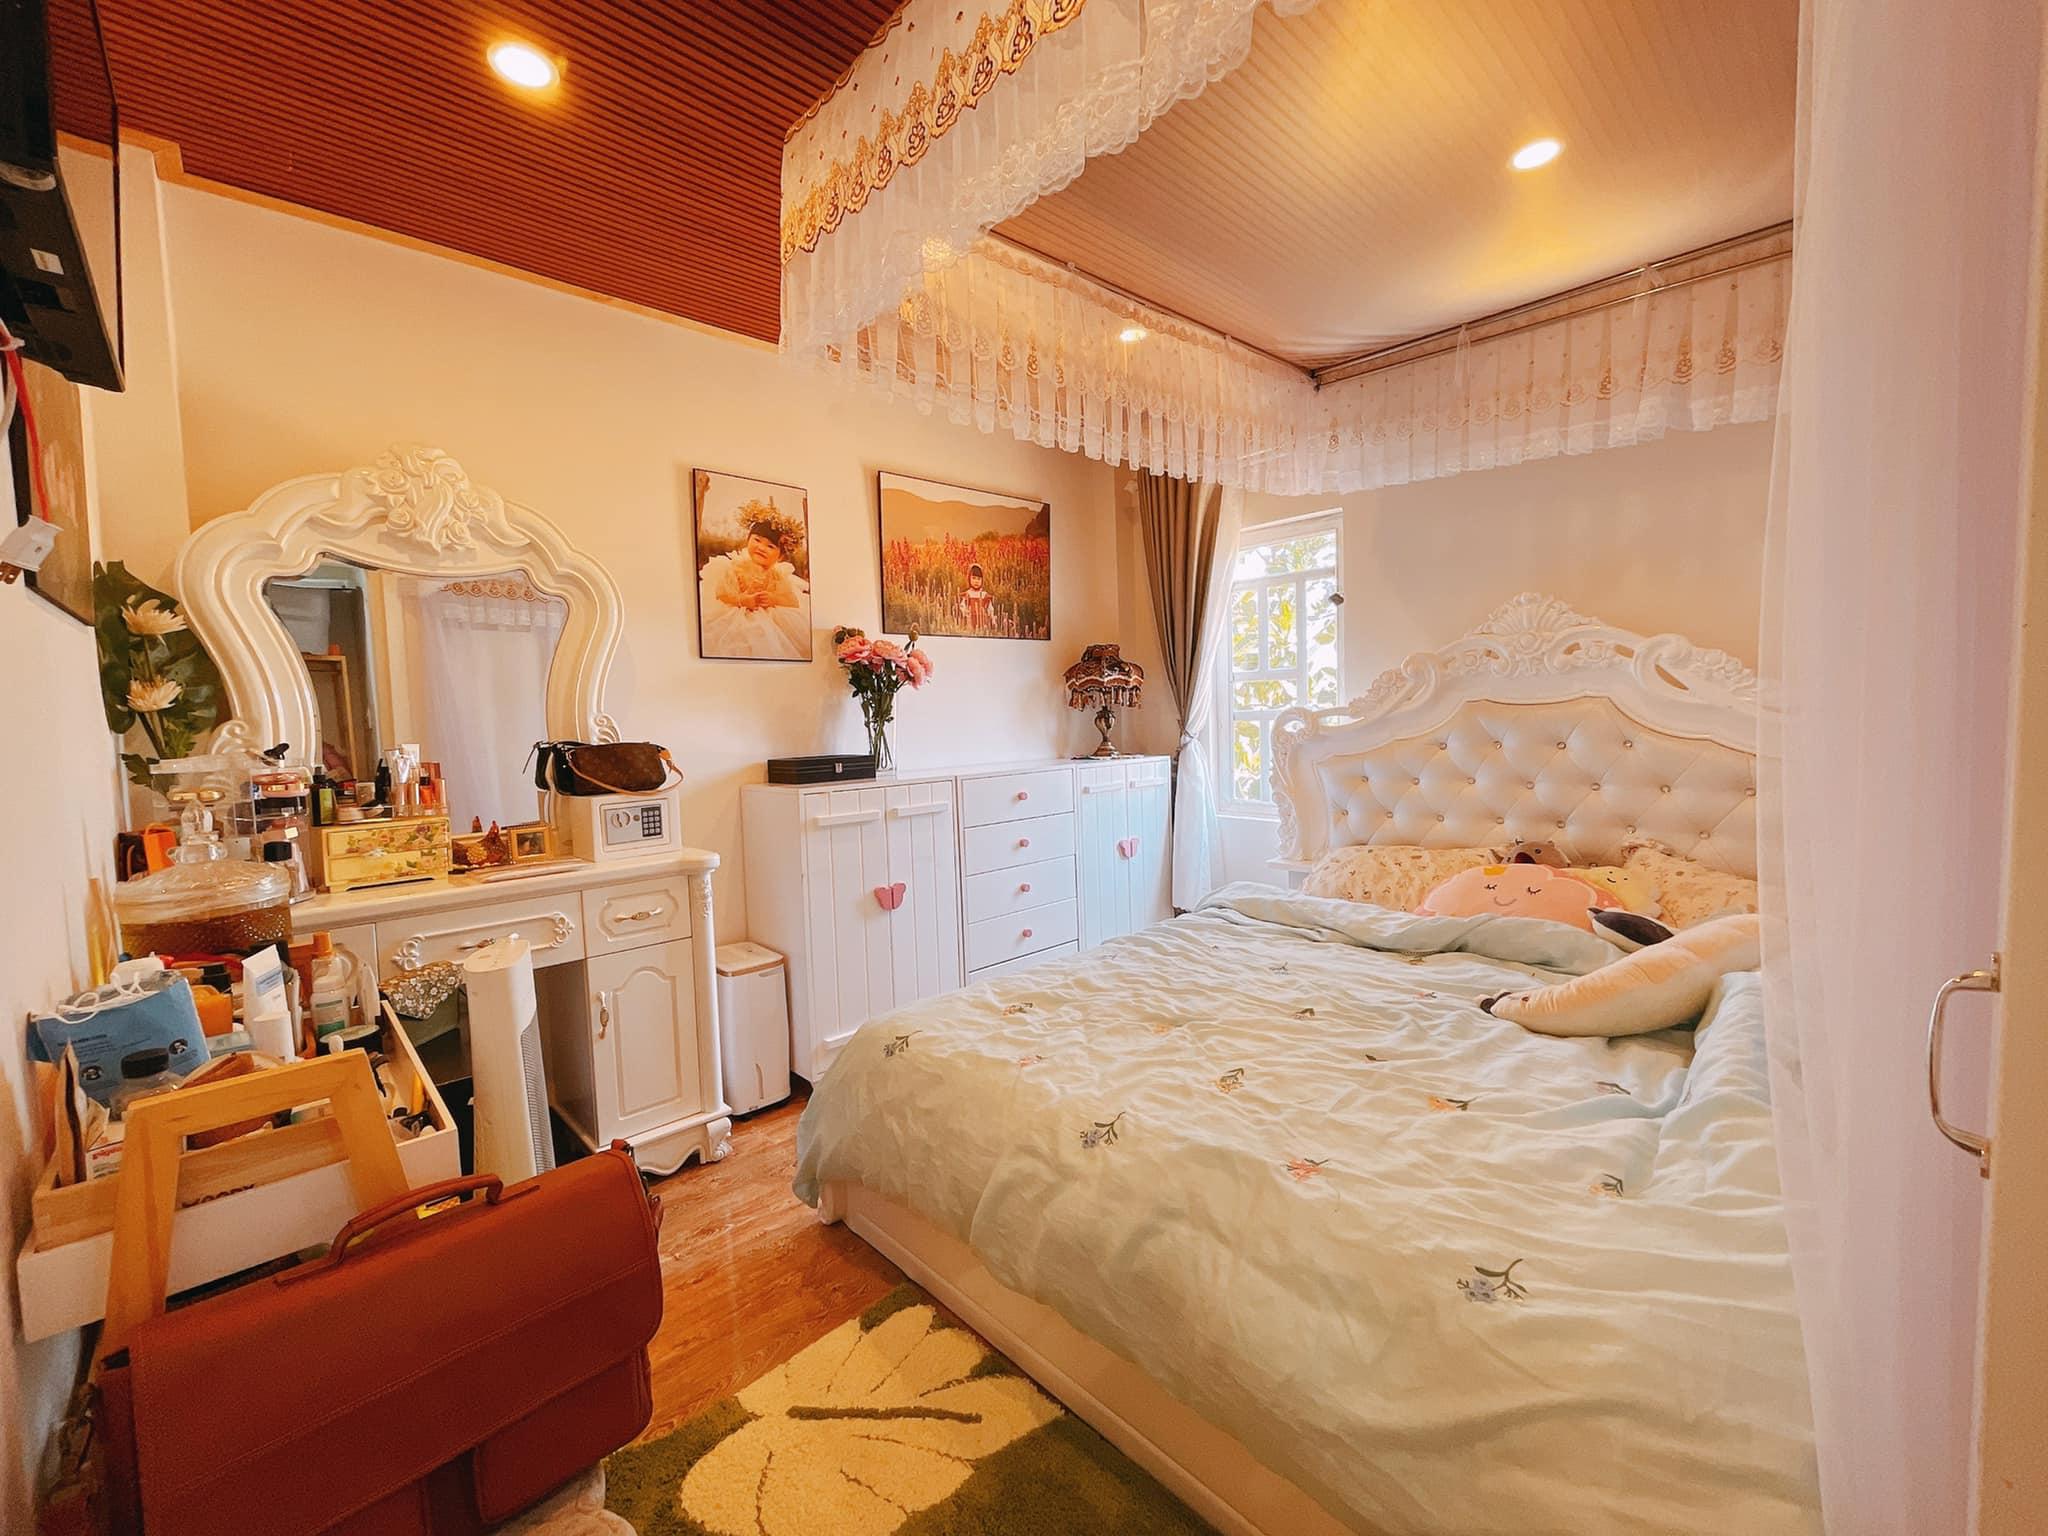 Mua lại căn nhà 63m², cặp vợ chồng trẻ cải tạo thành không gian sống ấm cúng, tiện nghi đủ đường ở Đà Lạt - Ảnh 26.